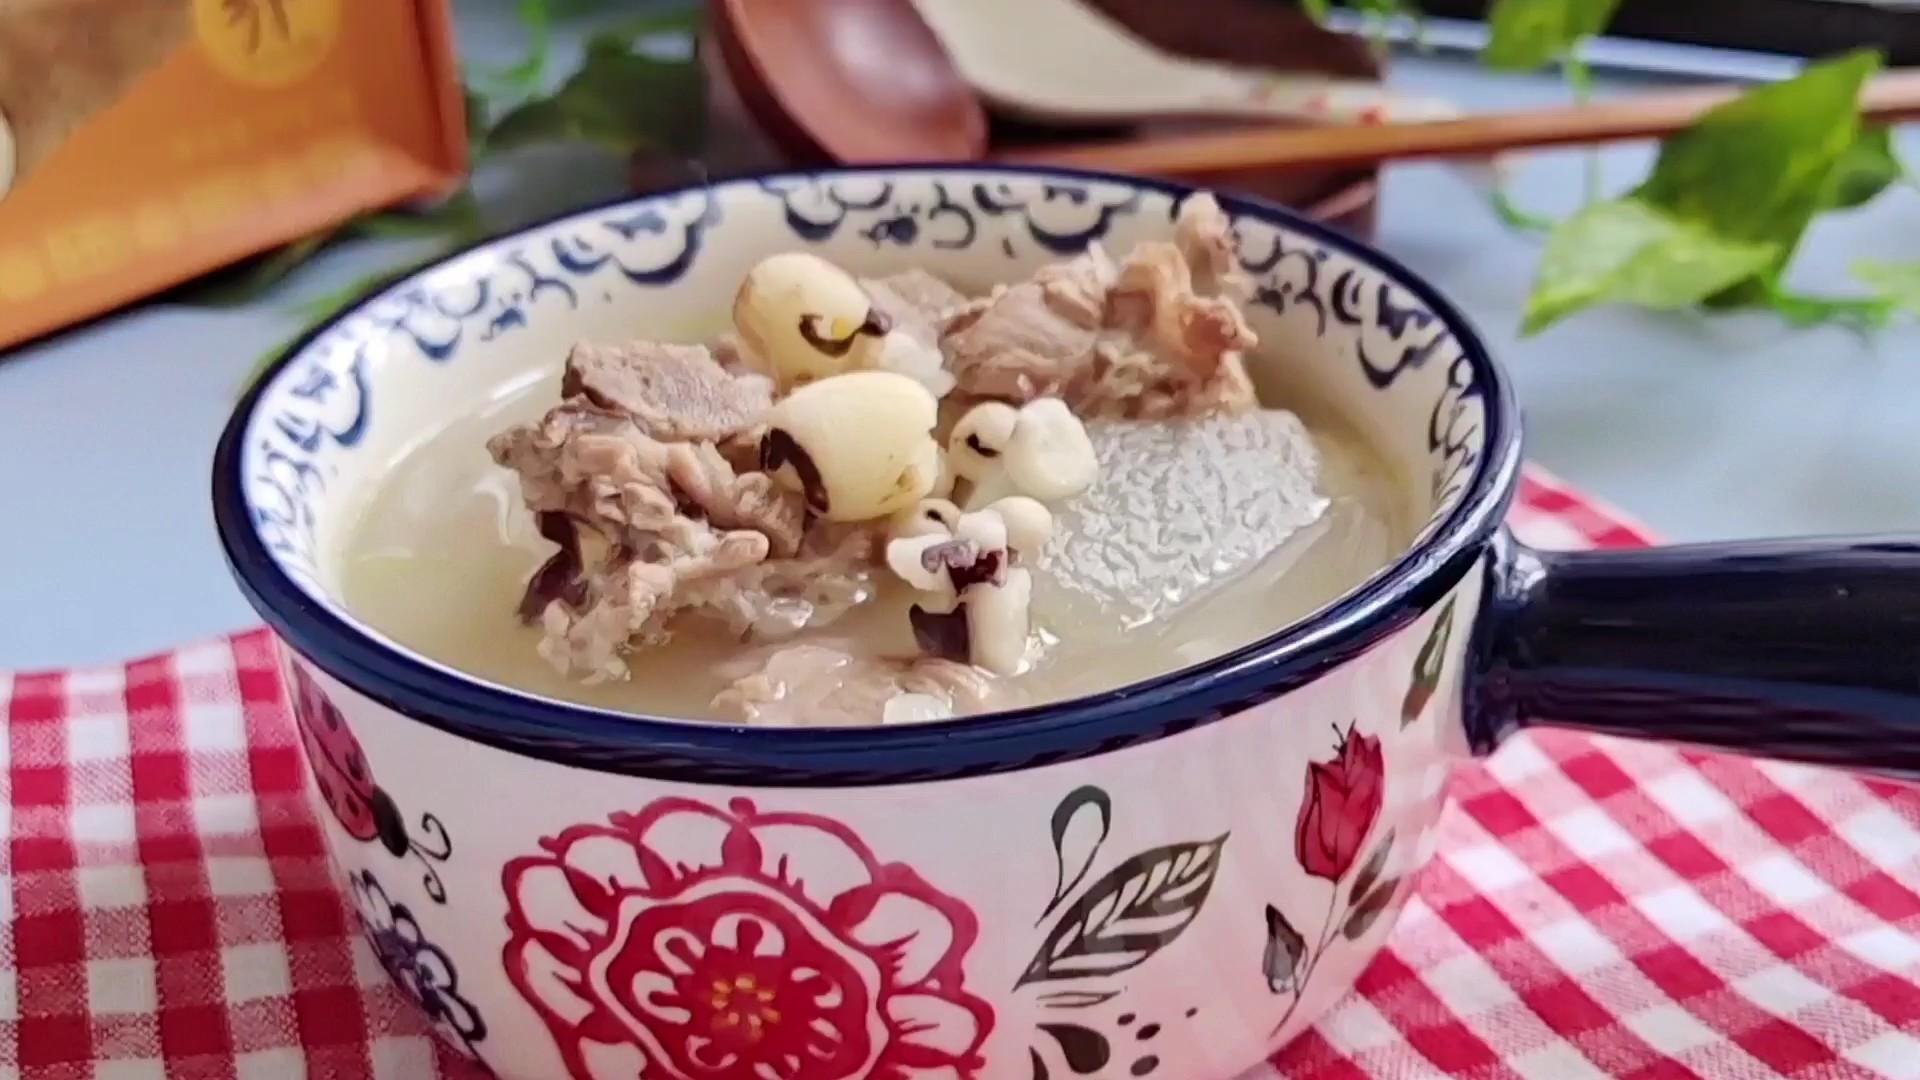 夏日清热解暑滋补汤…莲子薏仁鸭肉冬瓜汤的做法